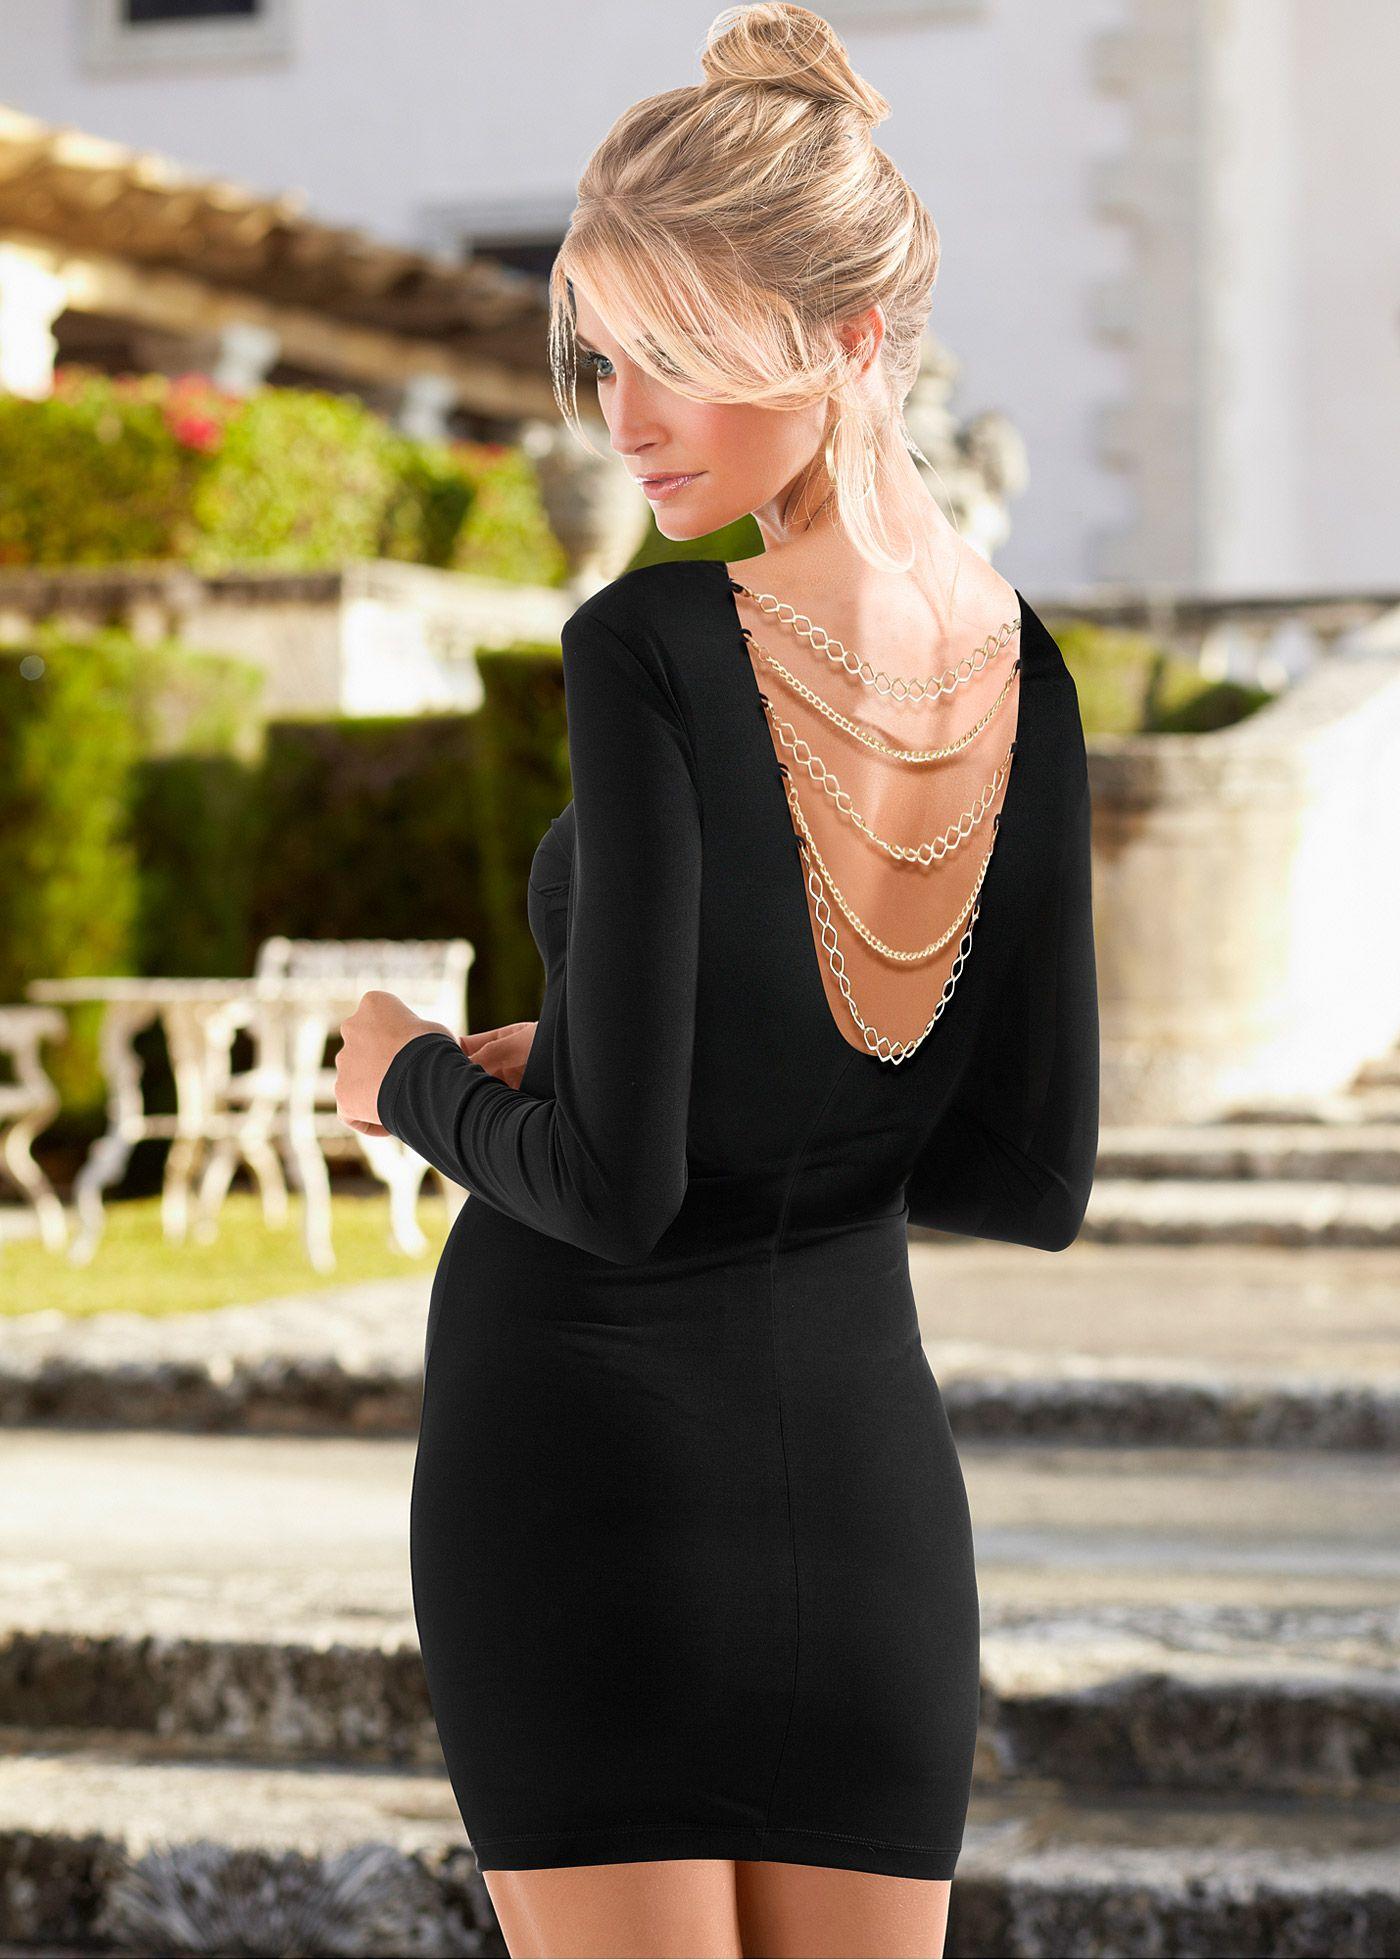 Vestido tubinho preto encomendar agora na loja on-line bonprix.de  R$ 109,00 a partir de Vestido tubinho manga longa e comprimento curto. Decote redondo e ...